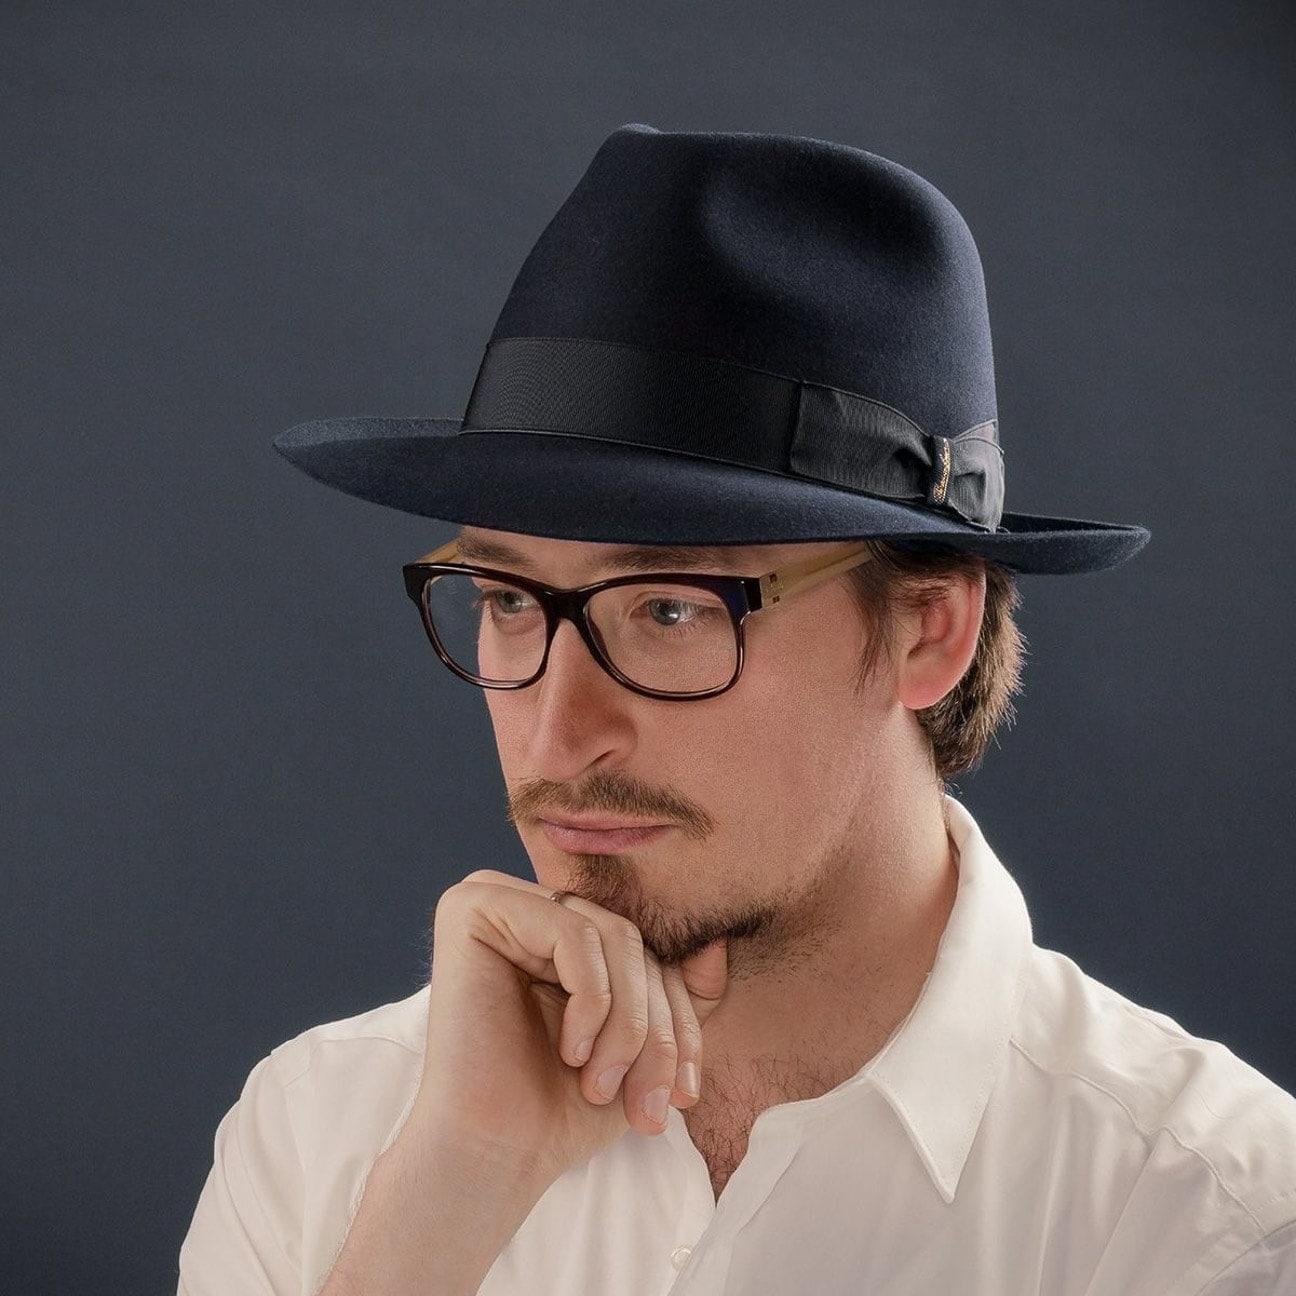 chapeau borsalino classique eur 399 00 chapeaux casquettes et bonnets en ligne. Black Bedroom Furniture Sets. Home Design Ideas